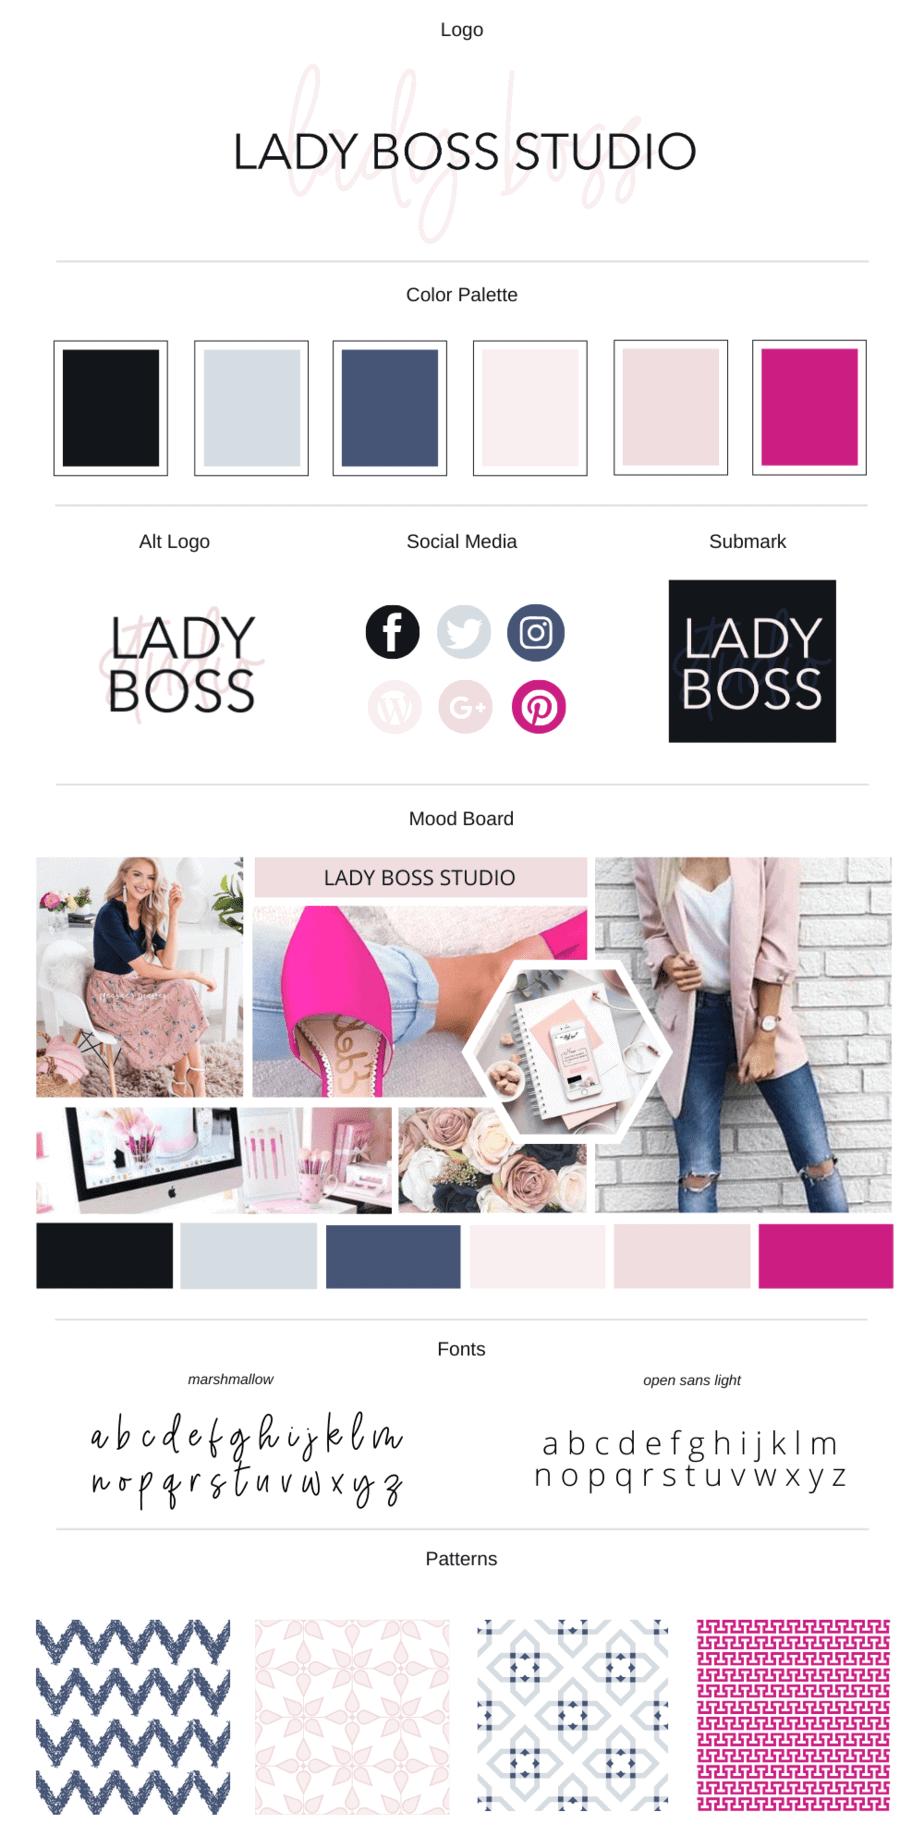 Lady Boss Studio Branding Board 2020